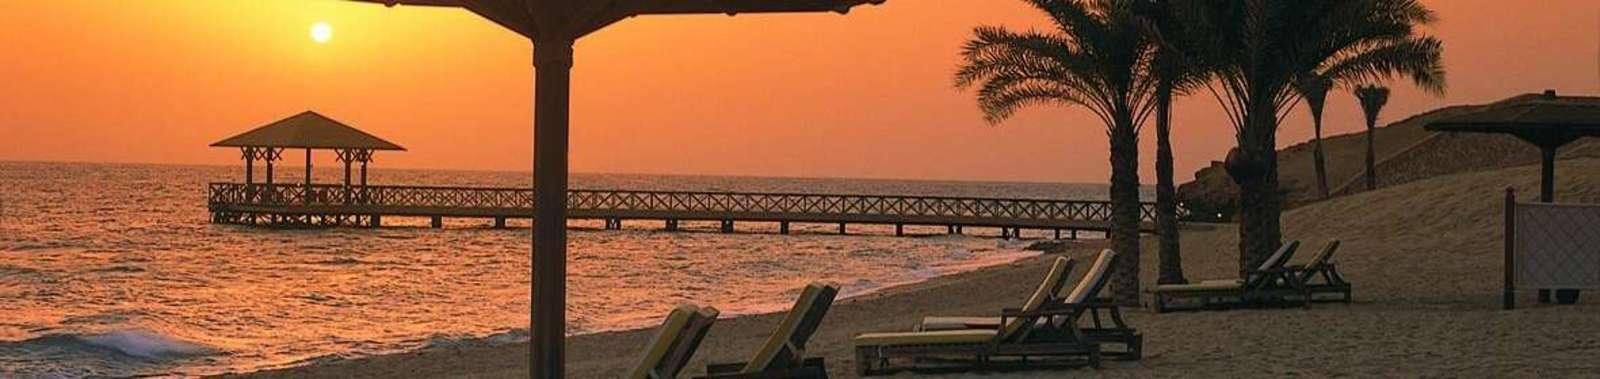 Hurghada_OSH_Beach_sunset